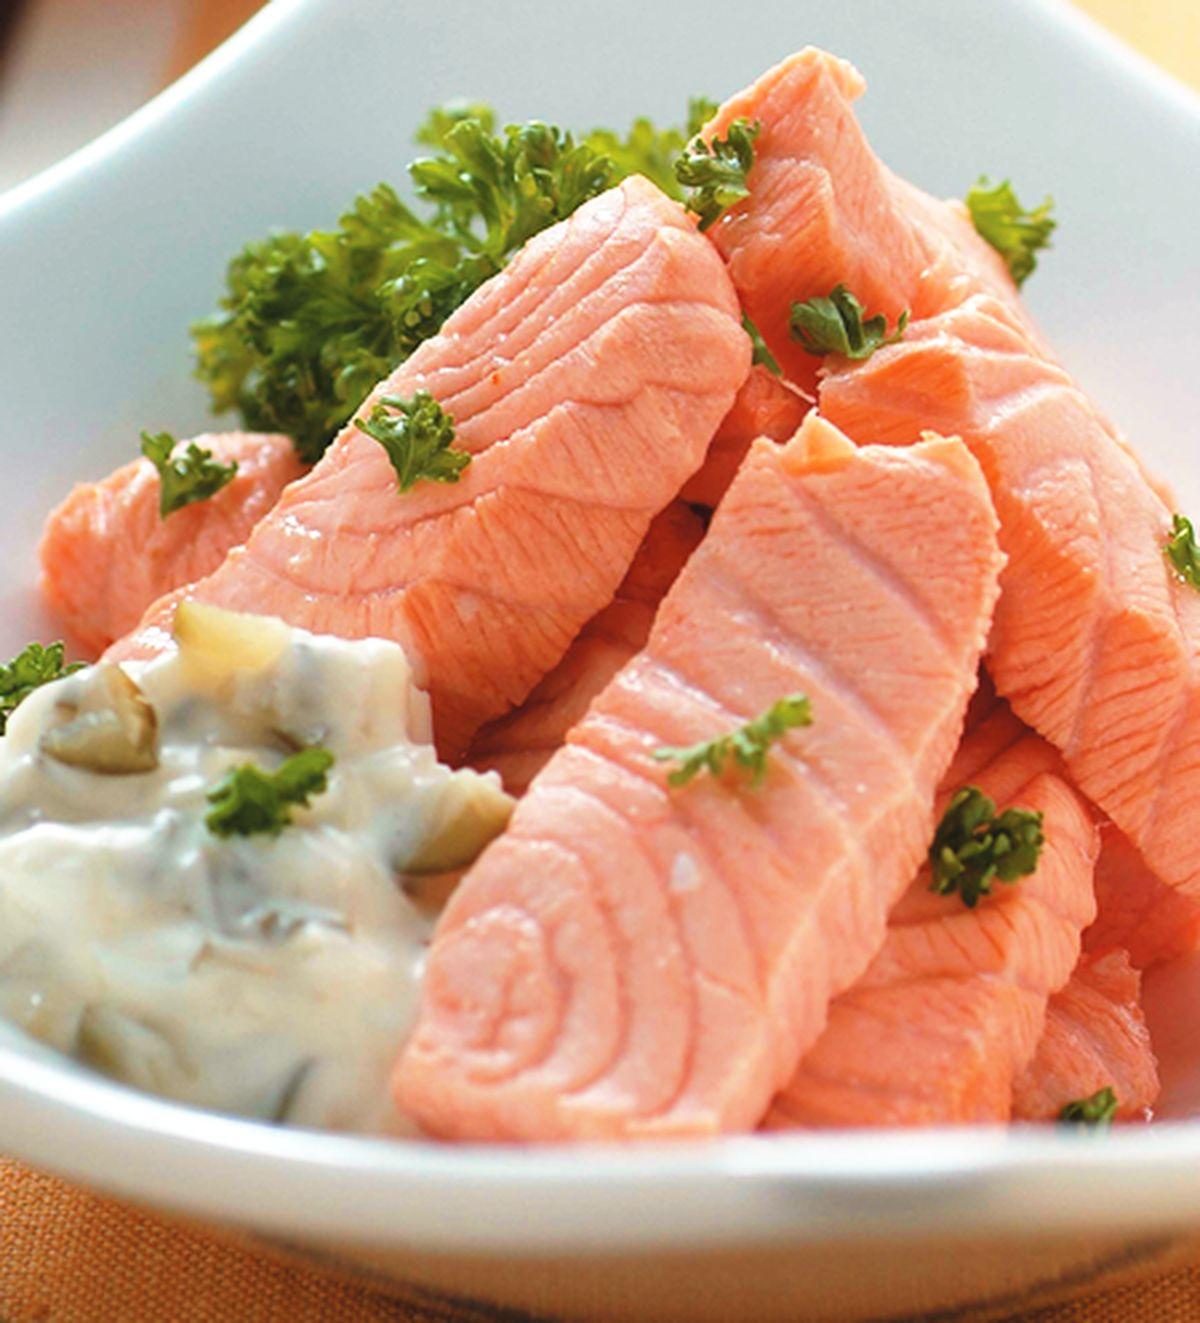 食譜:塔塔醬鮭魚